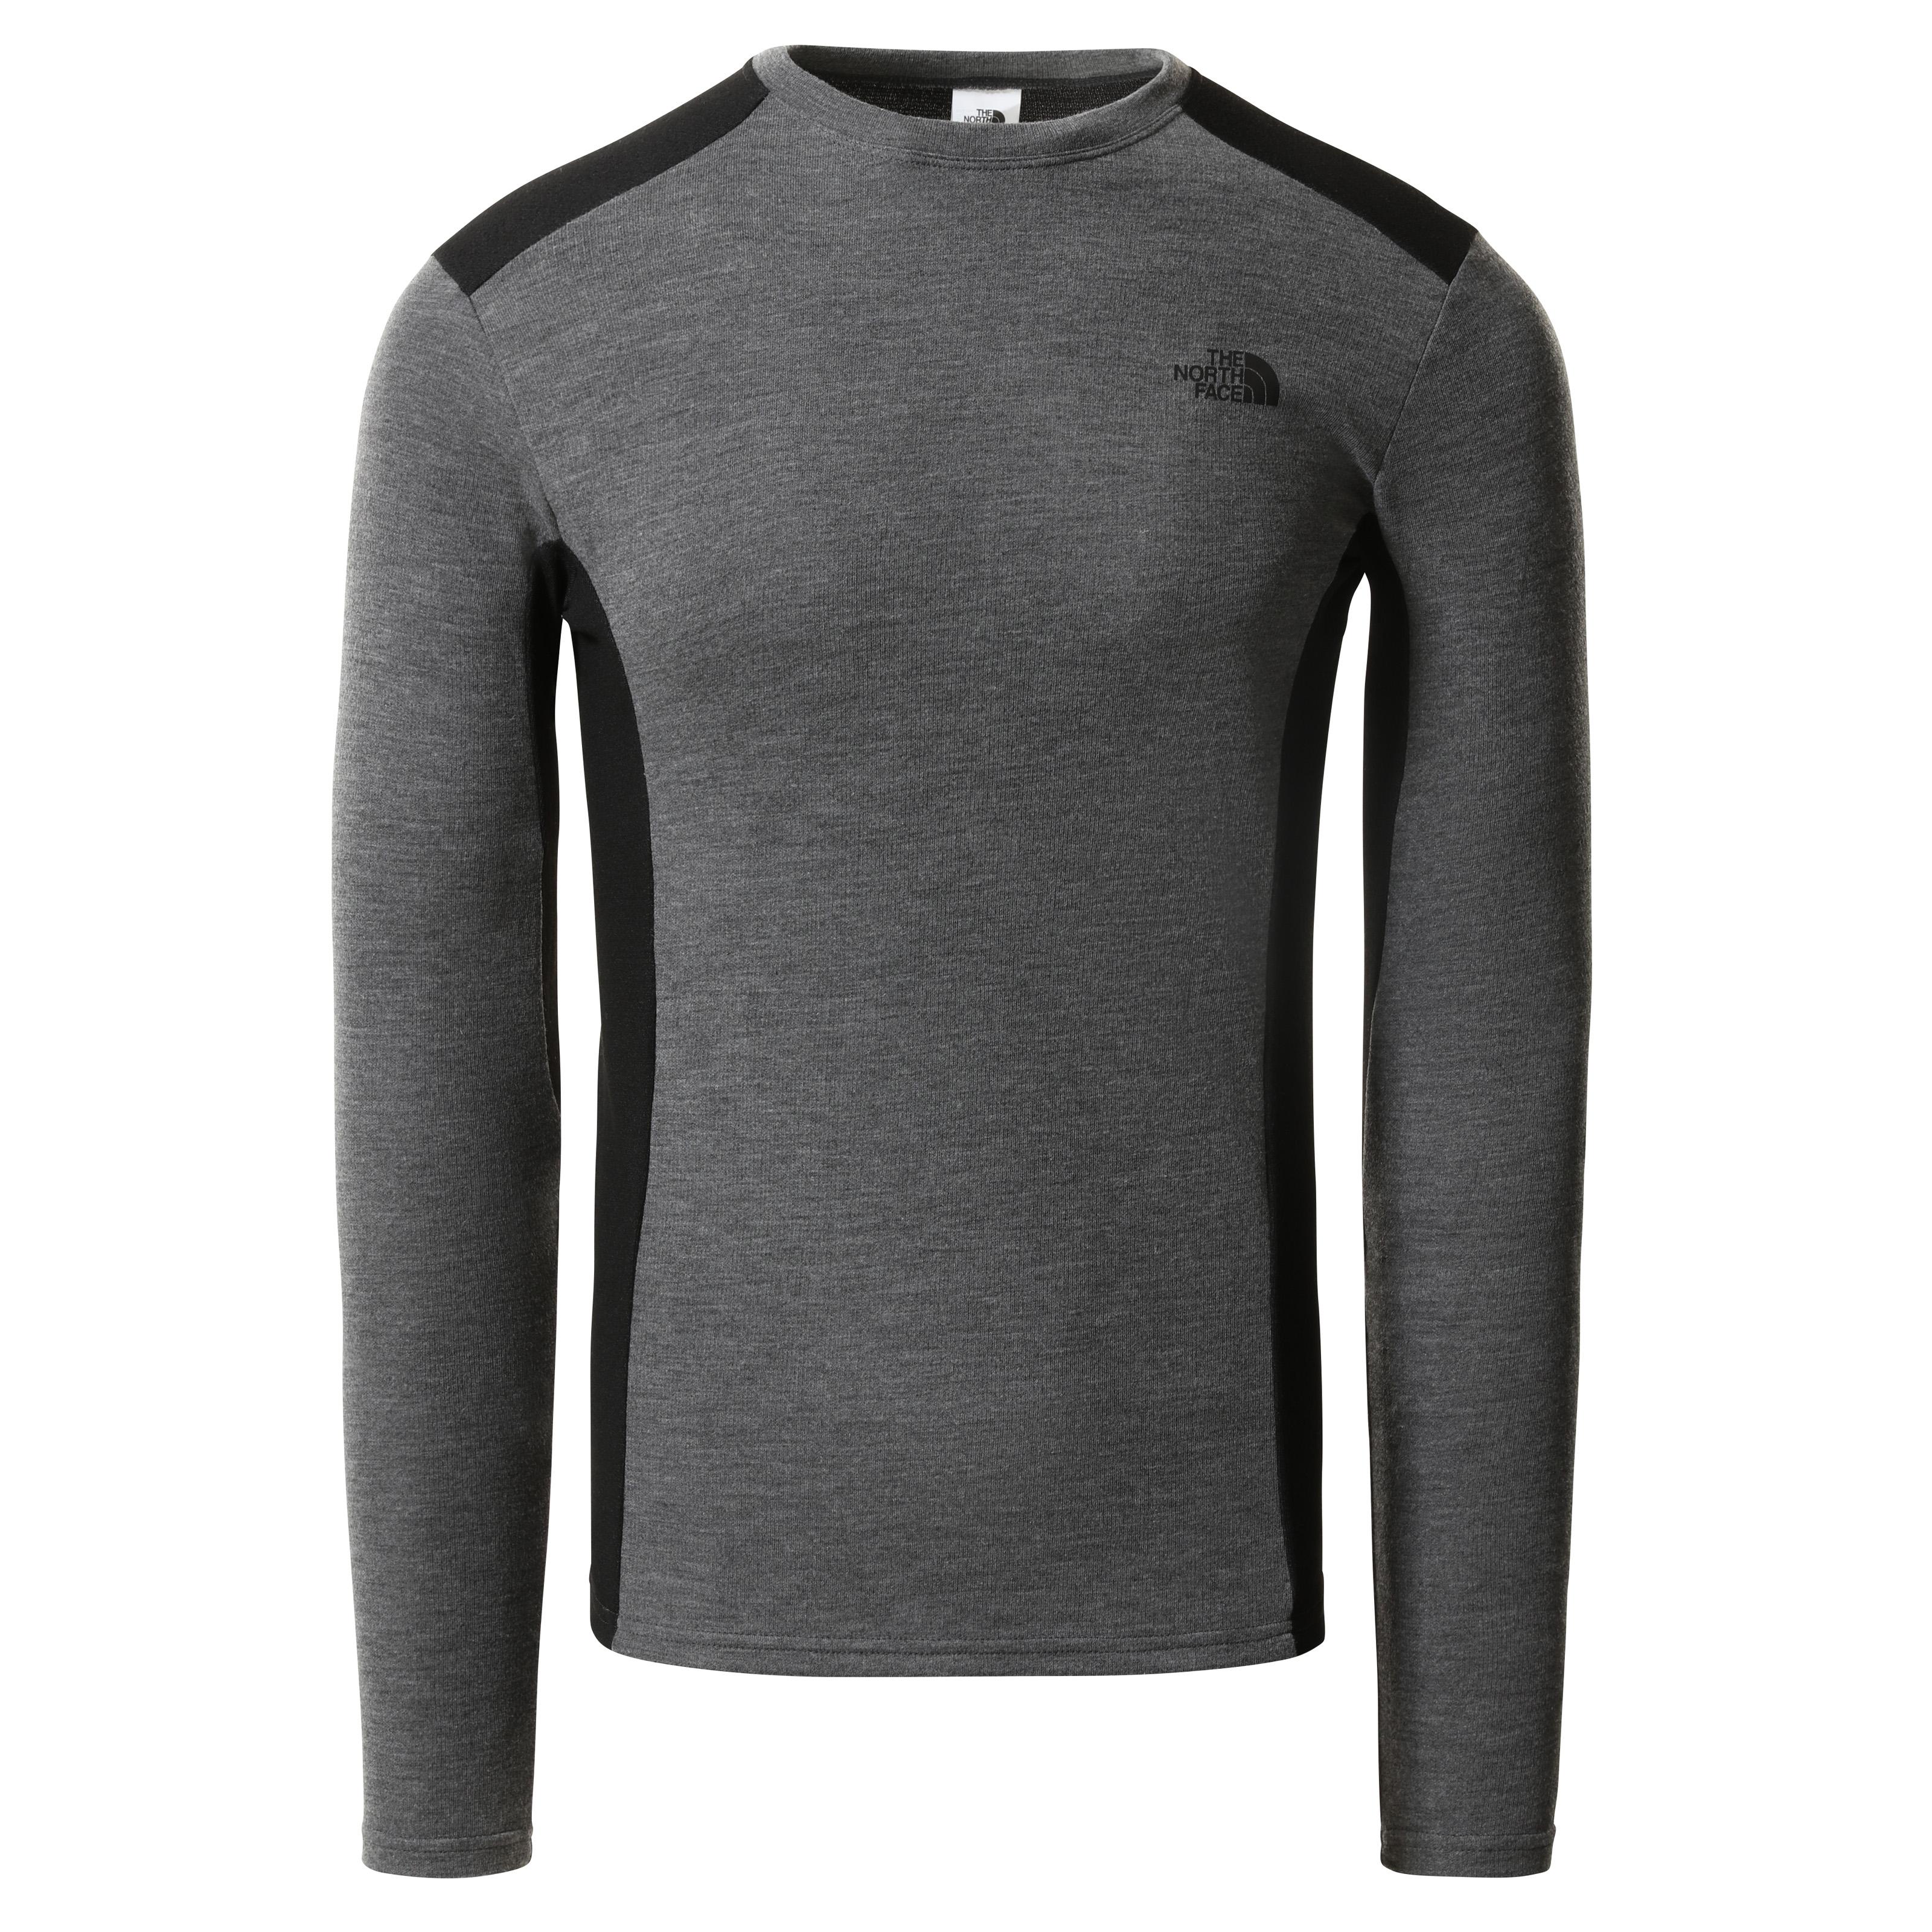 The North Face pánské funkční prádlo PÁNSKÉ FUNKČNÍ TRIČKO EASY S DLOUHÝM RUKÁVEM The North Face